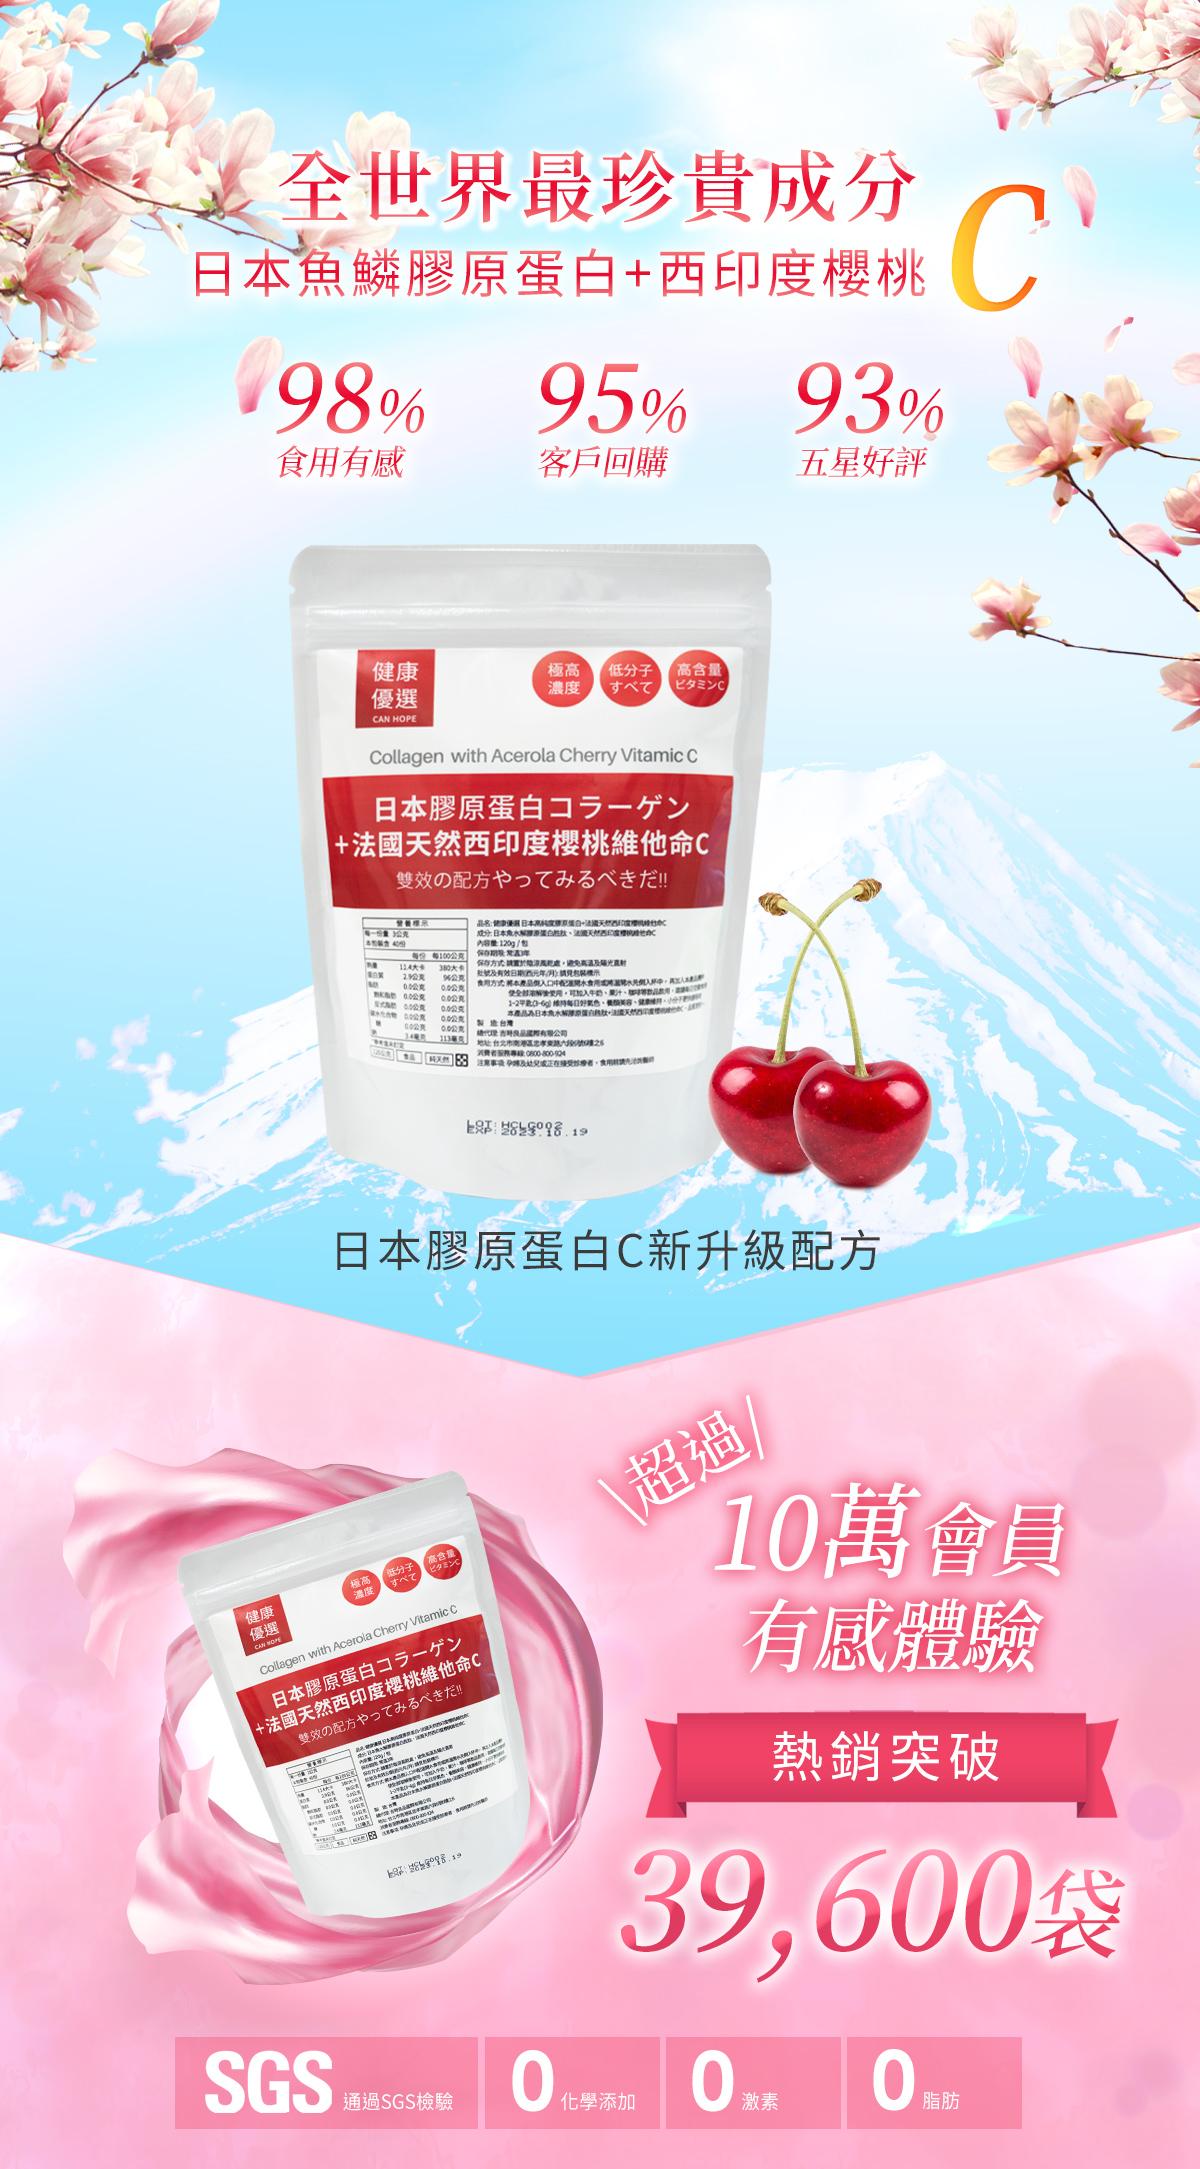 日本魚鱗膠原蛋白C雙效成分促進膠原蛋白生成